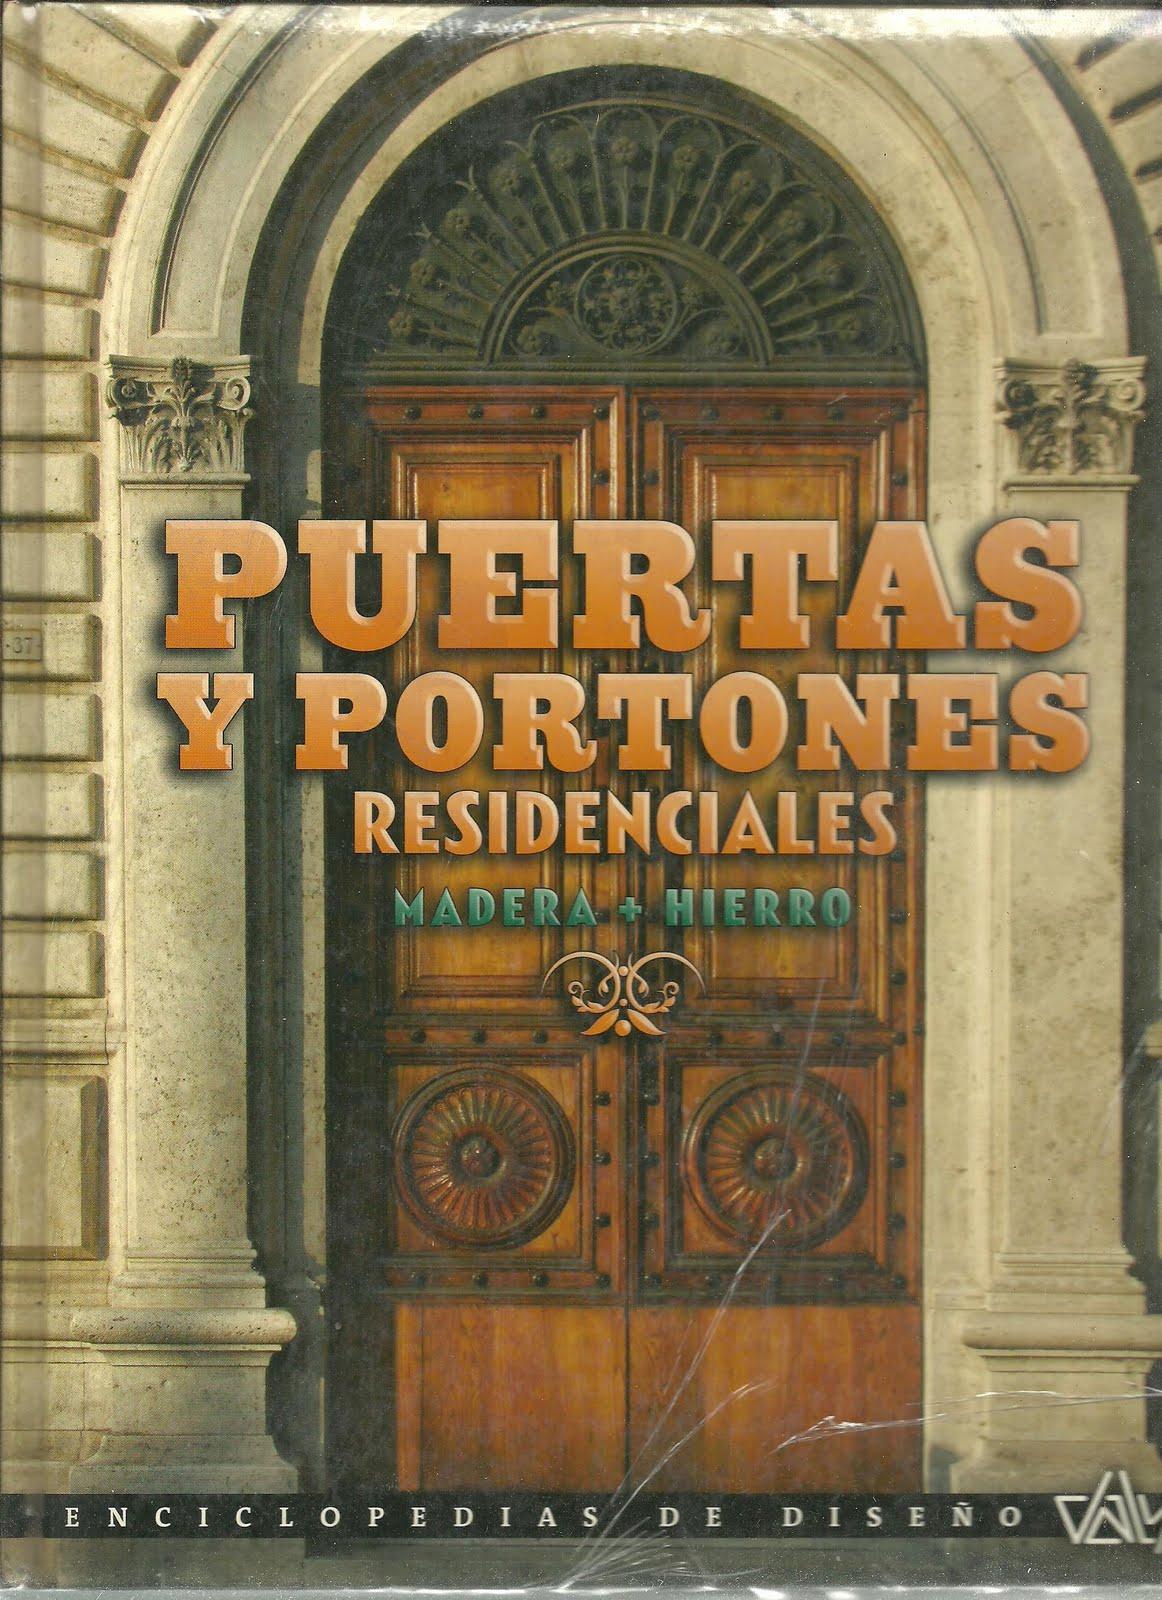 LIBRO : PUERTAS Y PORTONES RESIDENCIALES MADERA HIERRO